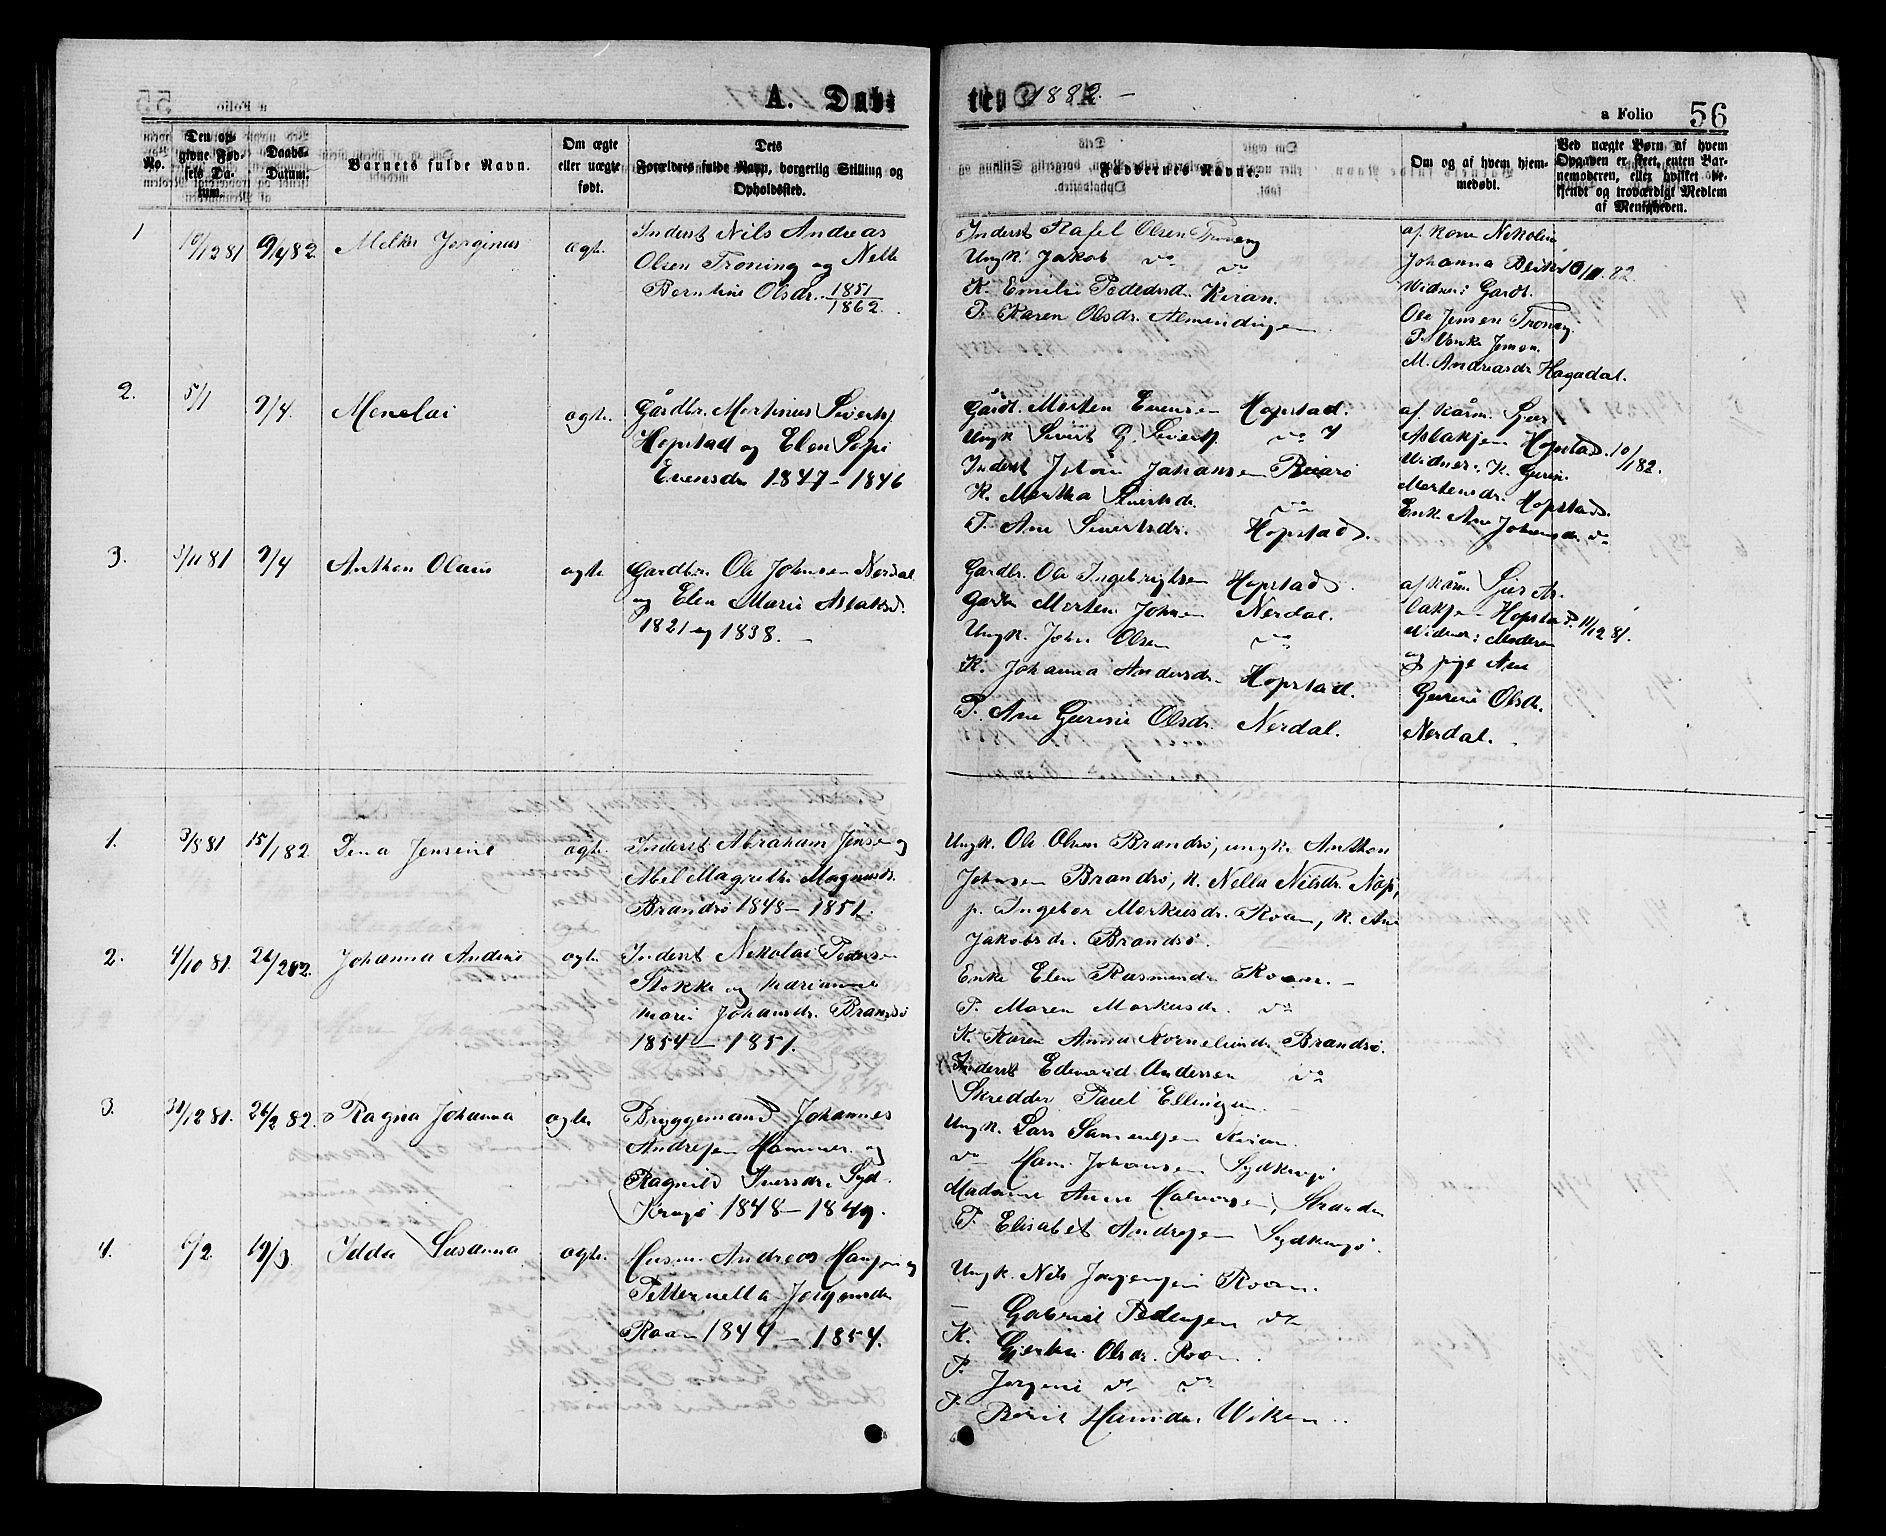 SAT, Ministerialprotokoller, klokkerbøker og fødselsregistre - Sør-Trøndelag, 657/L0715: Klokkerbok nr. 657C02, 1873-1888, s. 56